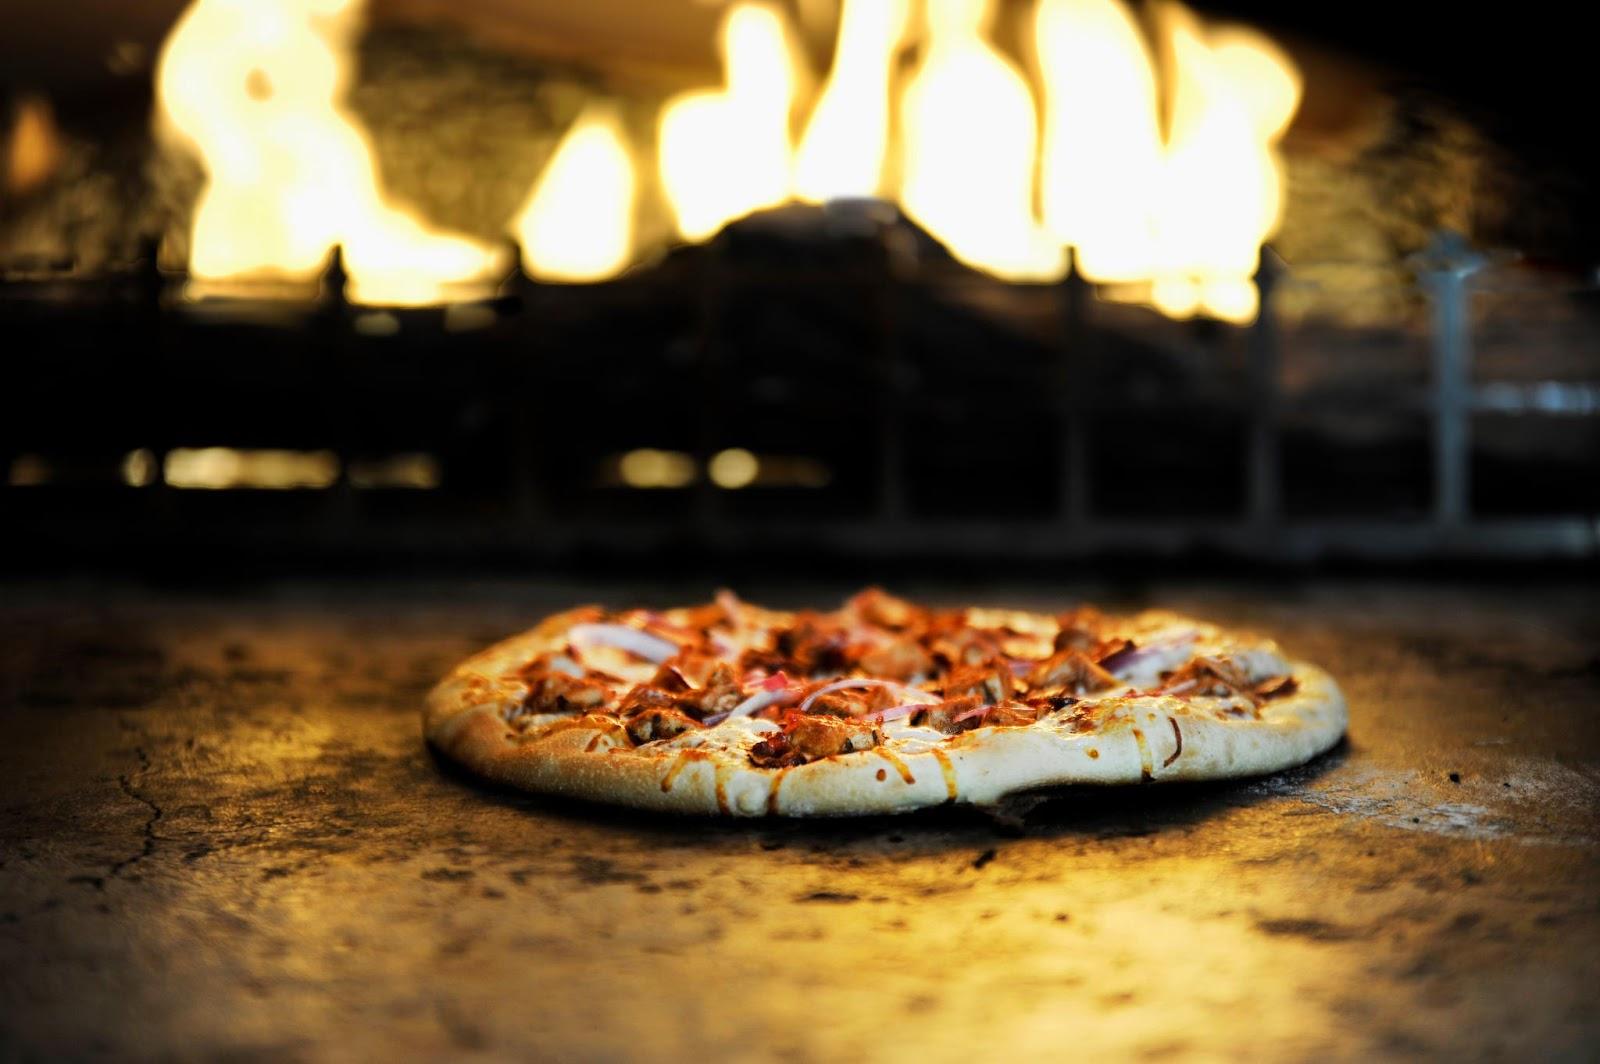 California Pizza Kitchen Plain Pizza